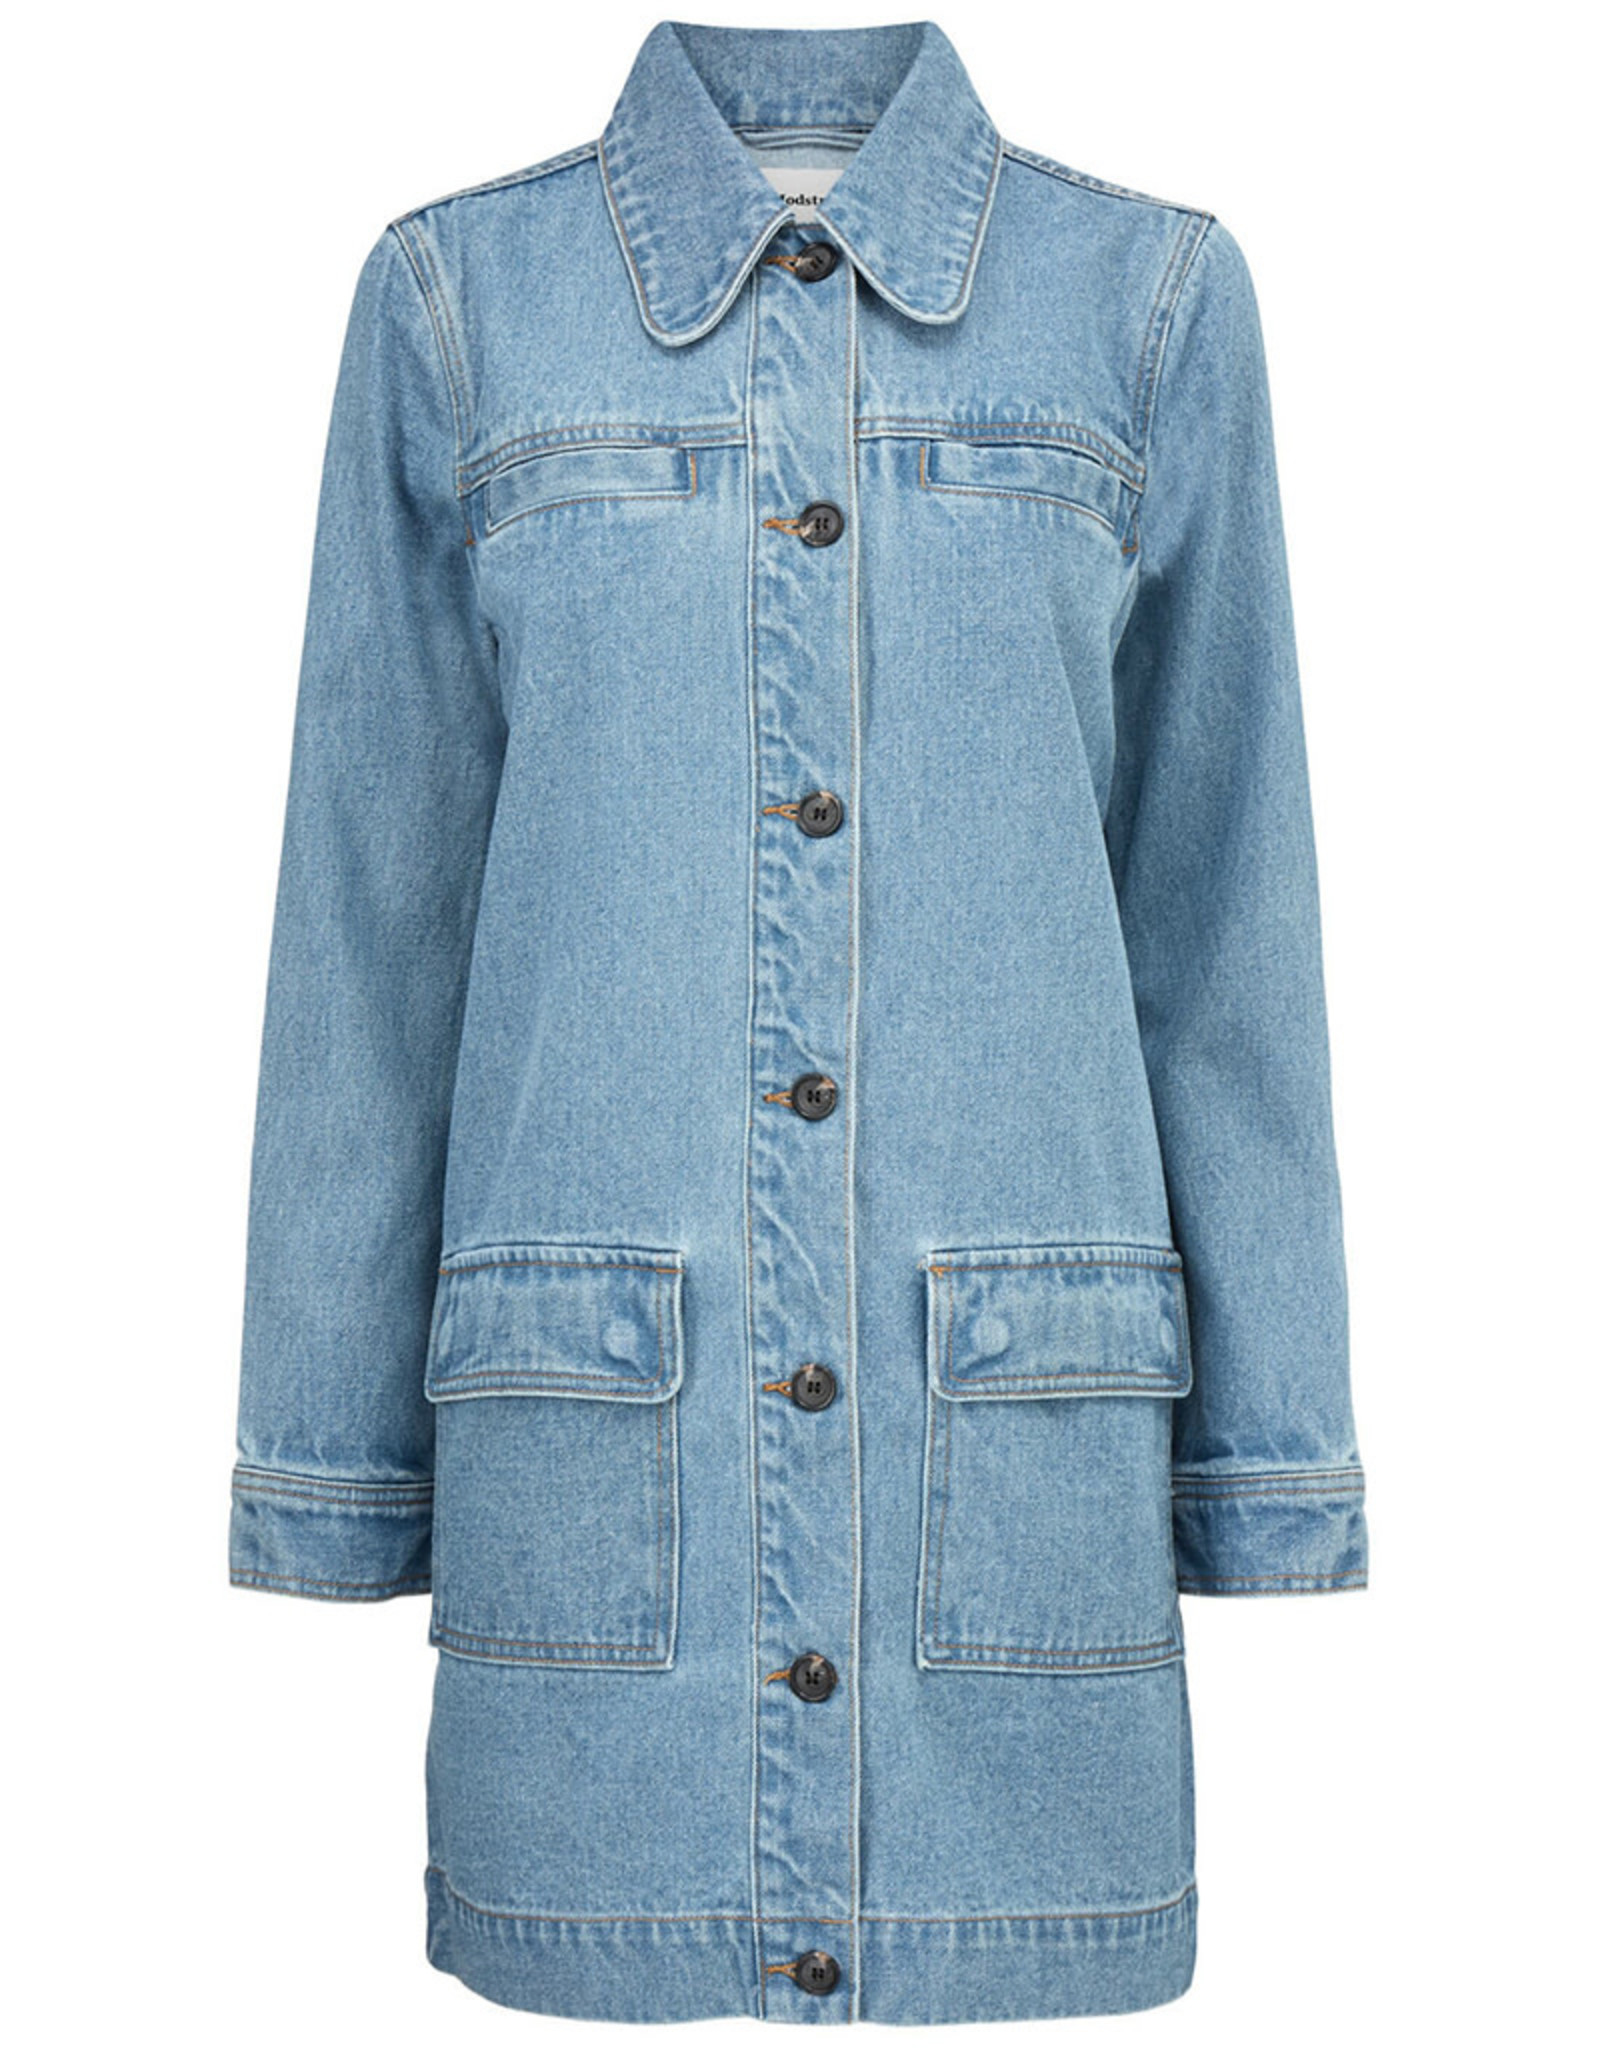 Modström Husky Jacket